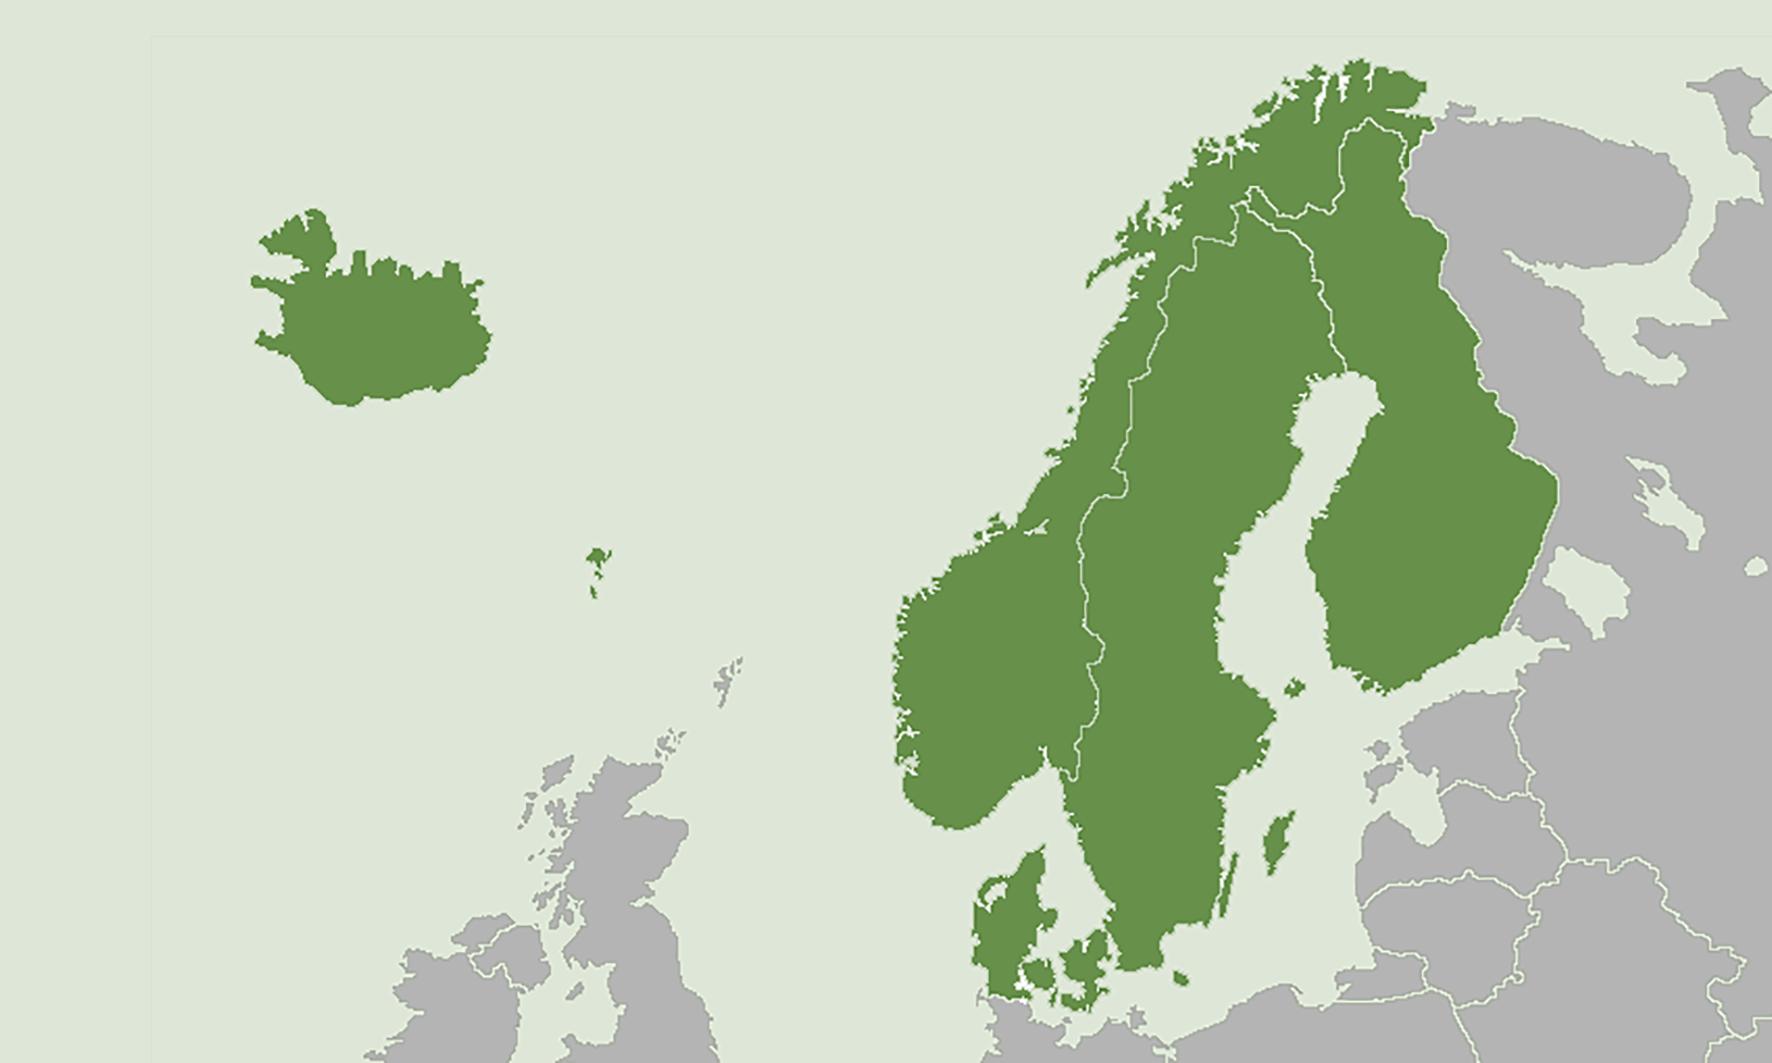 Семь стран, которых нет, но которые могли бы сейчас существовать